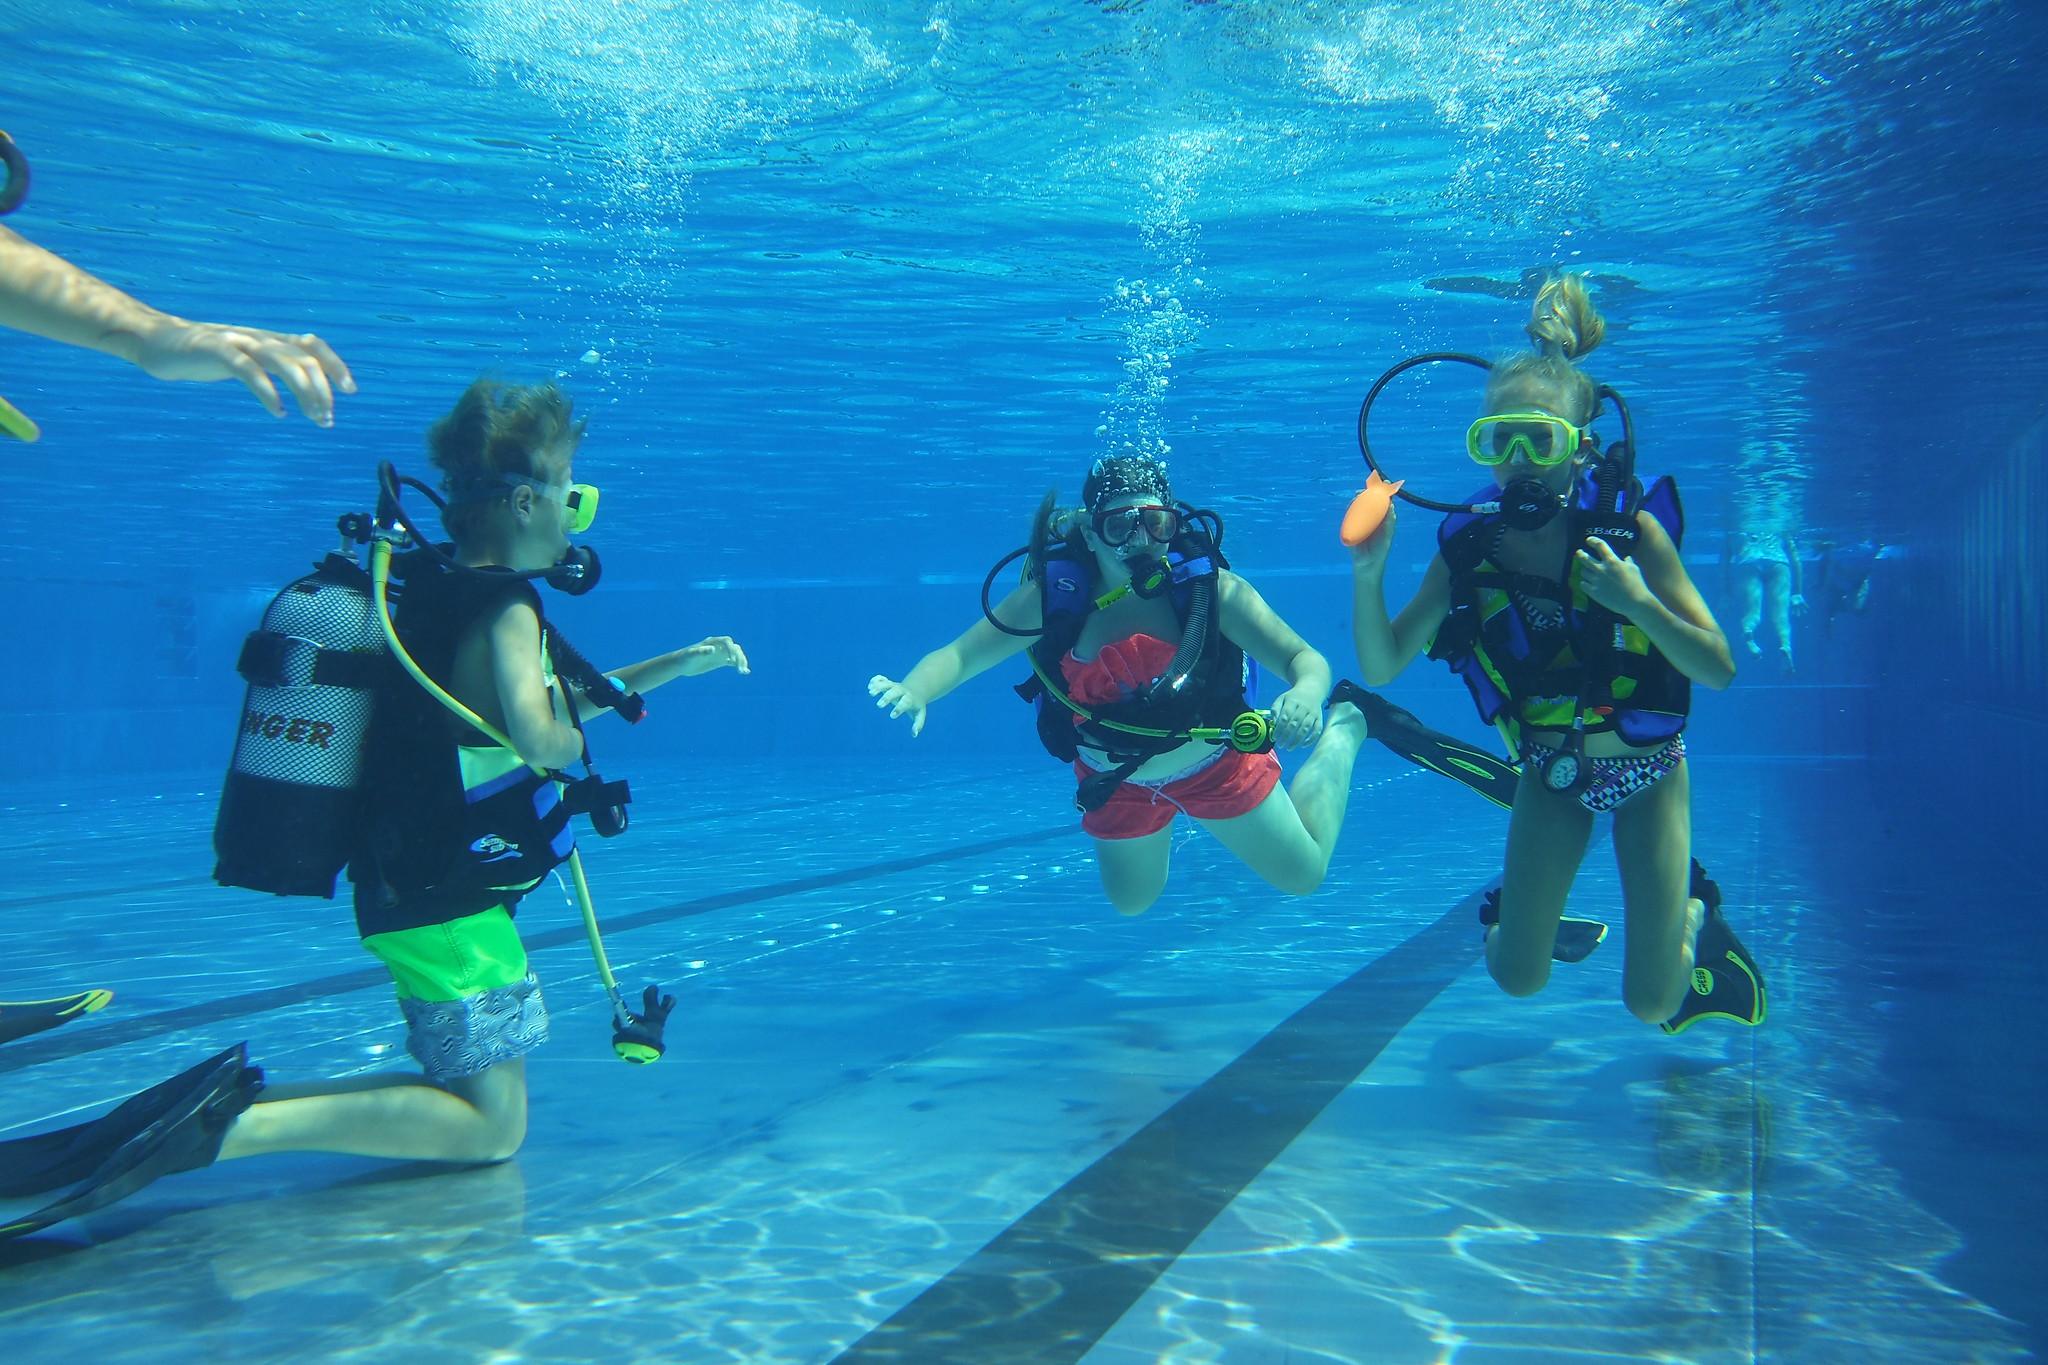 Scouts BSA Aquatics